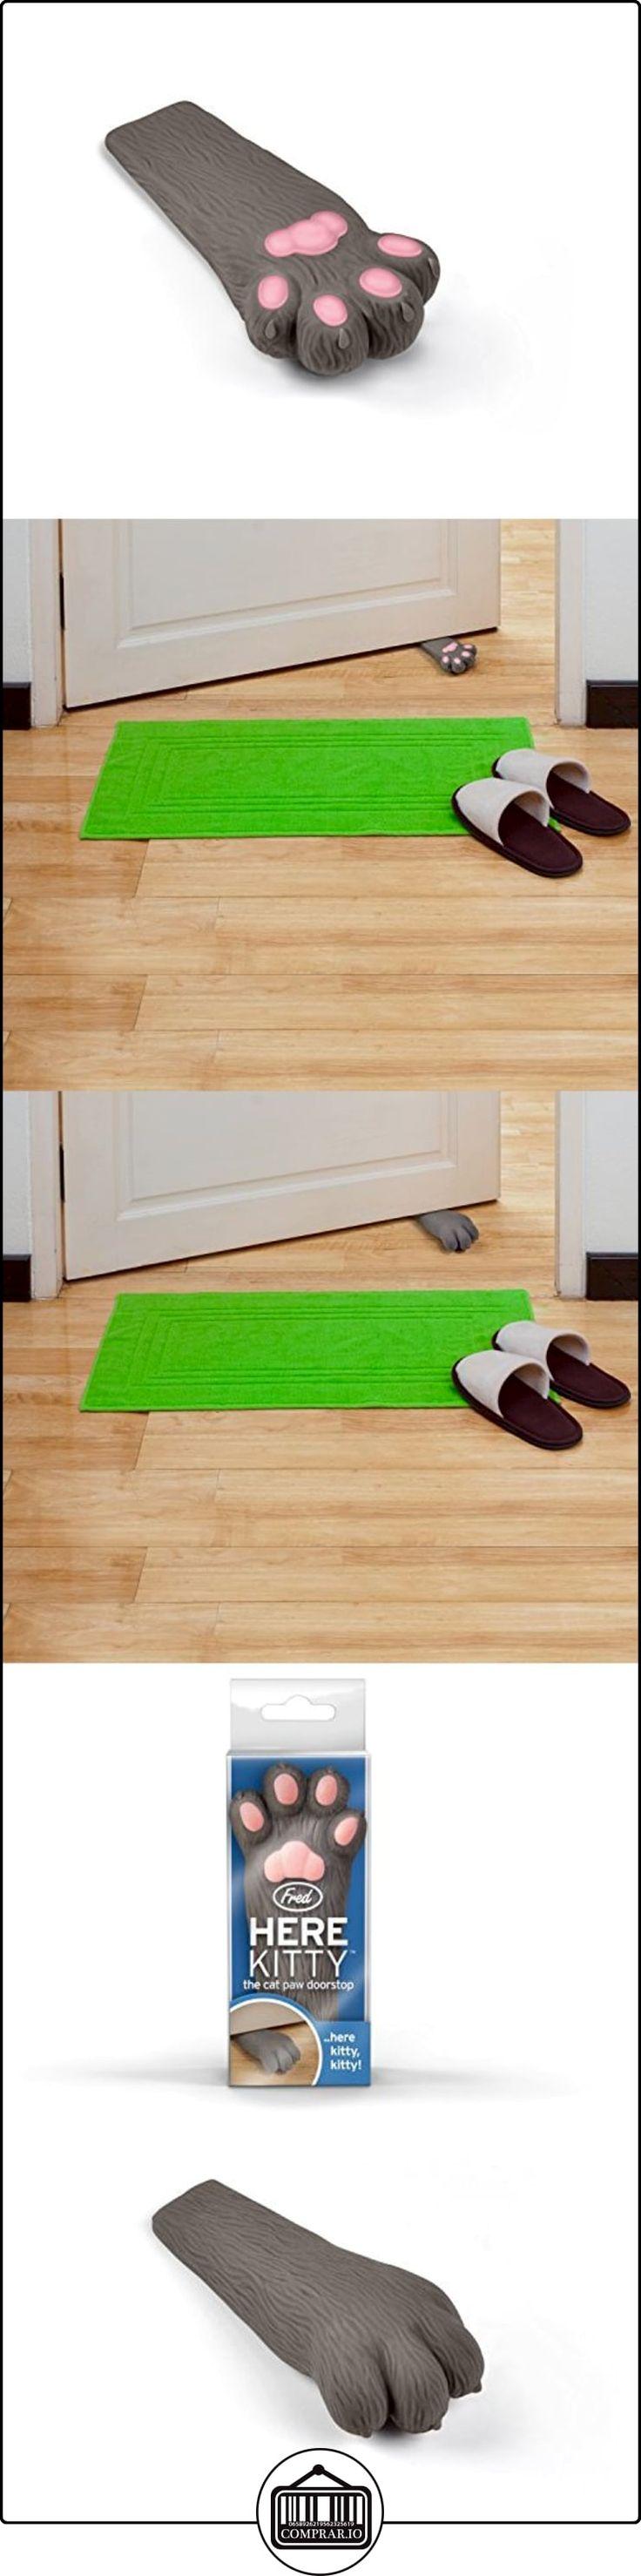 Fred FFHEREK - Bloqueador de puertas, diseño en forma de pata de gato, color gris  ✿ Seguridad para tu bebé - (Protege a tus hijos) ✿ ▬► Ver oferta: http://comprar.io/goto/B00FOLDY3K